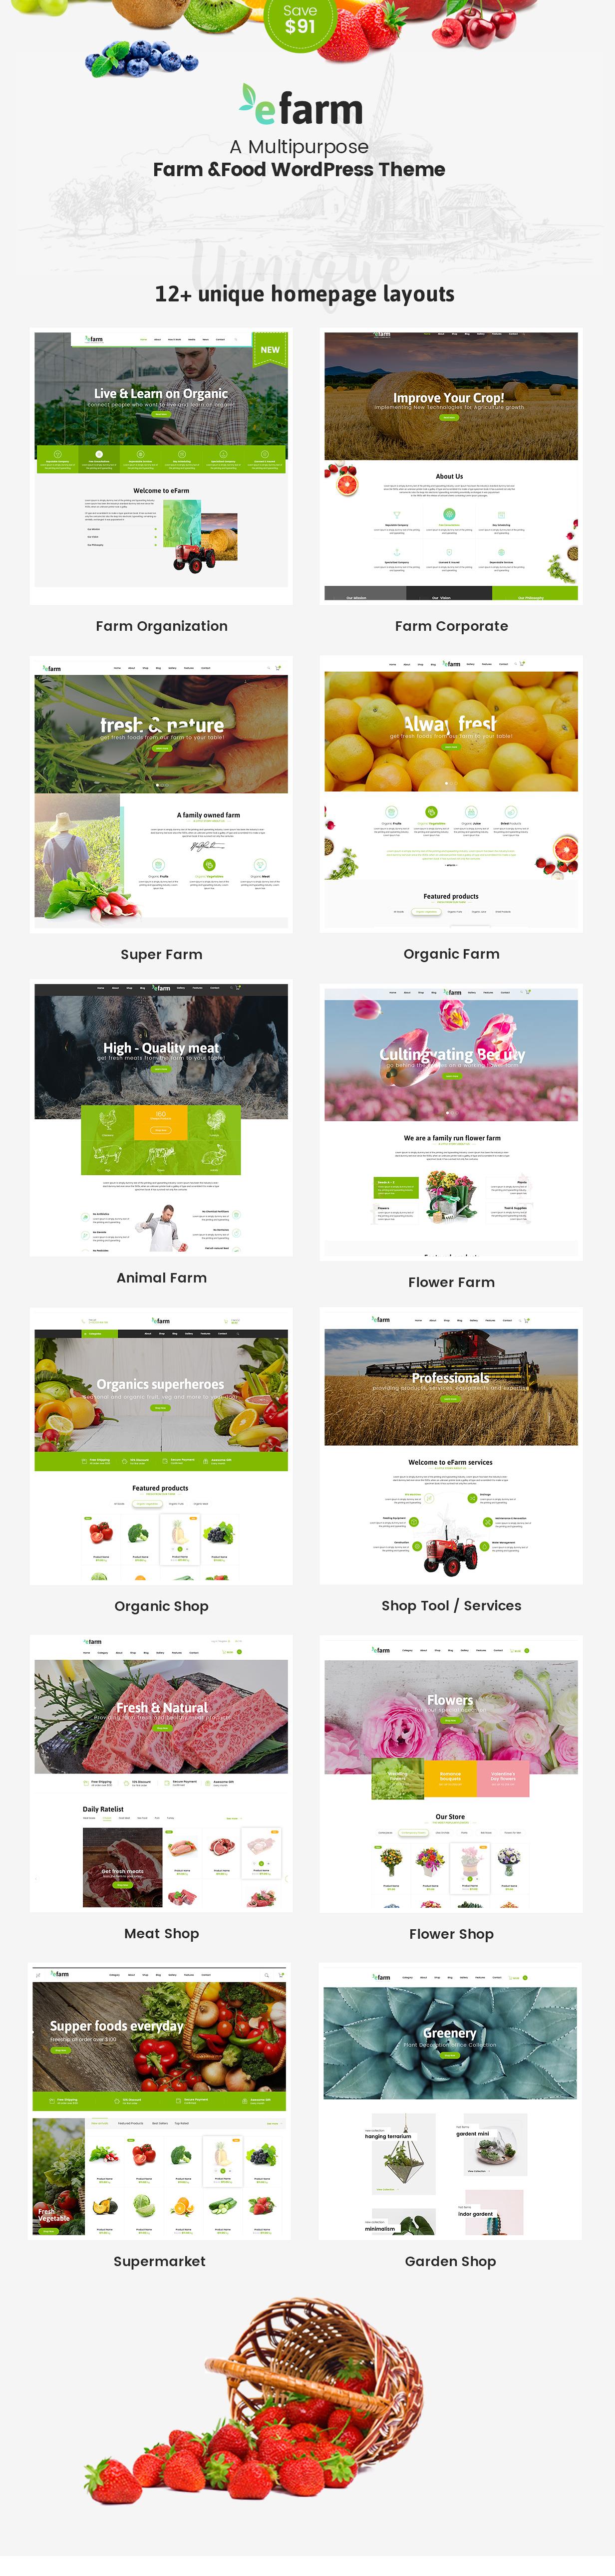 eFarm - Ein vielseitiges WordPress-Layout für Lebensmittel und Farmen - 7